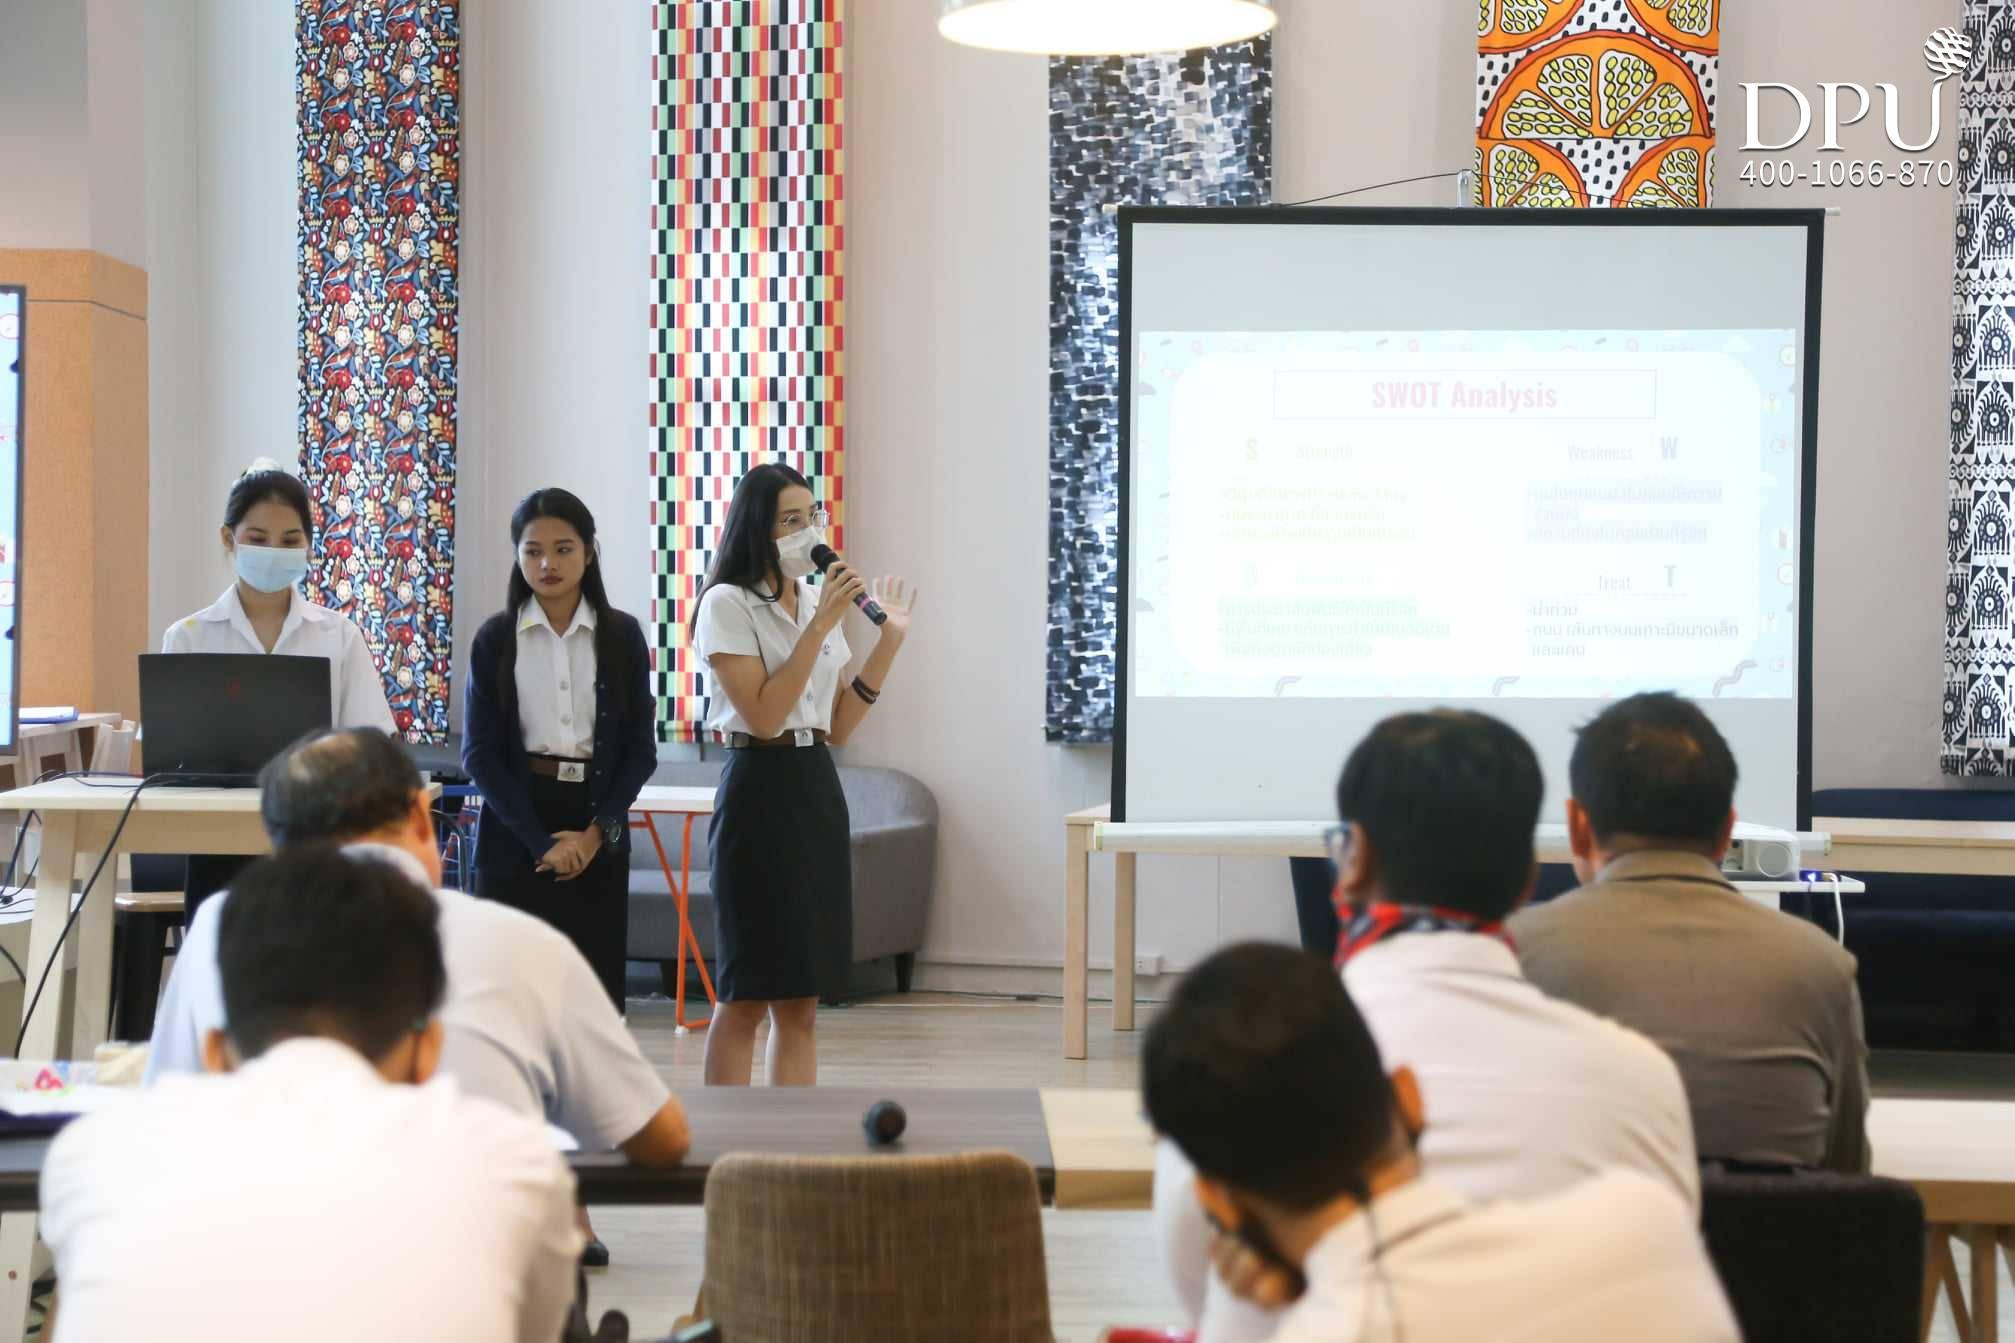 政府储蓄银行和博仁大学合作探索校企合作